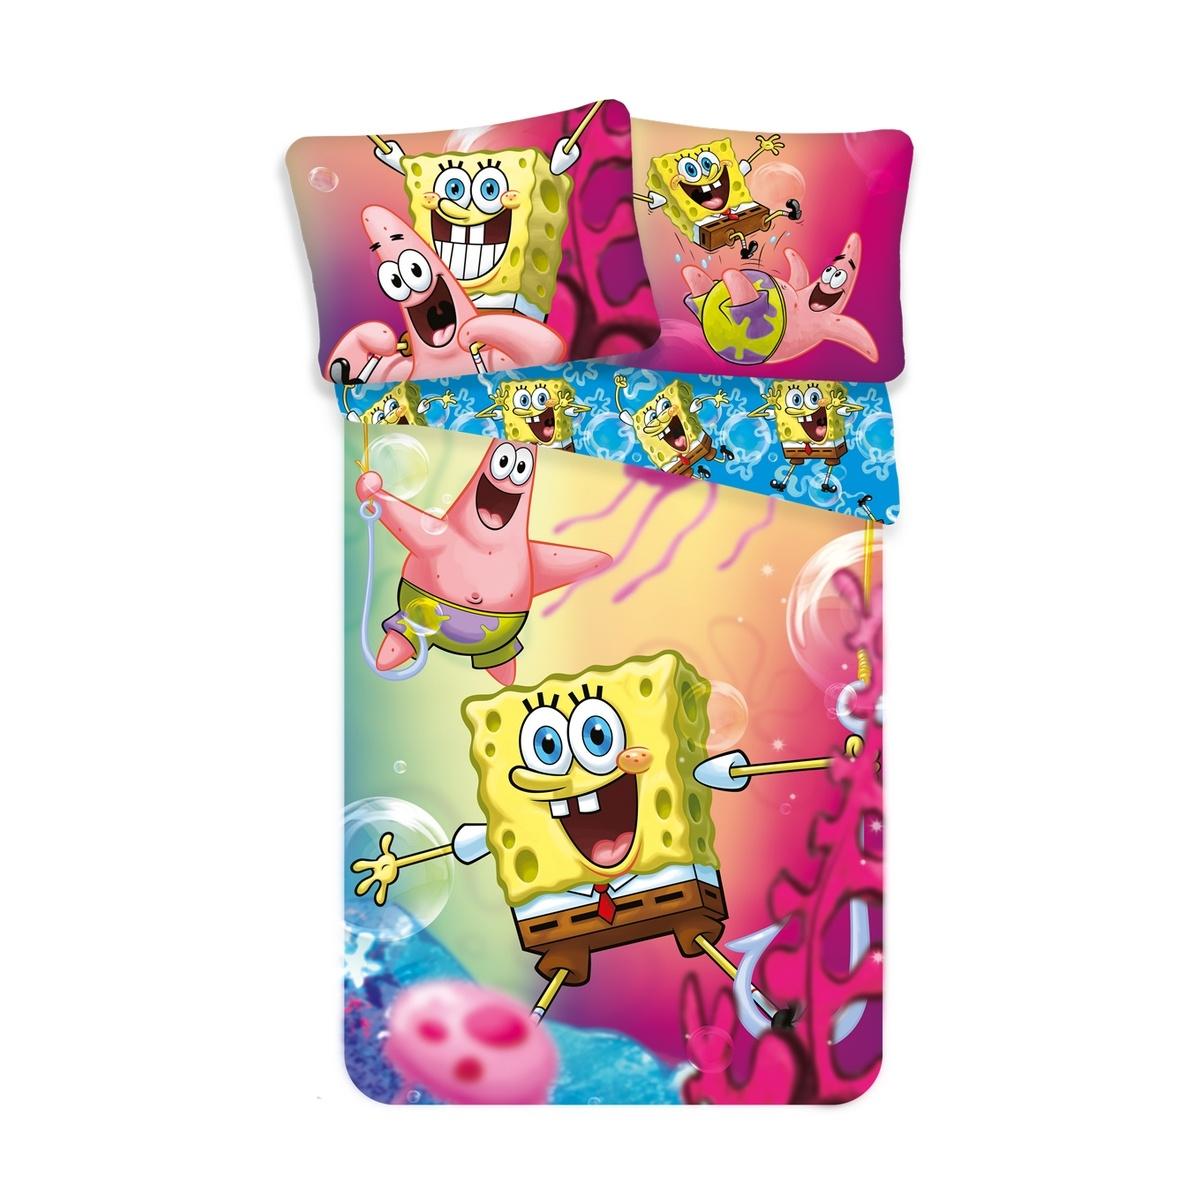 Jerry Fabrics Dětské bavlněné povlečení Sponge Bob, 140 x 200 cm, 70 x 90 cm